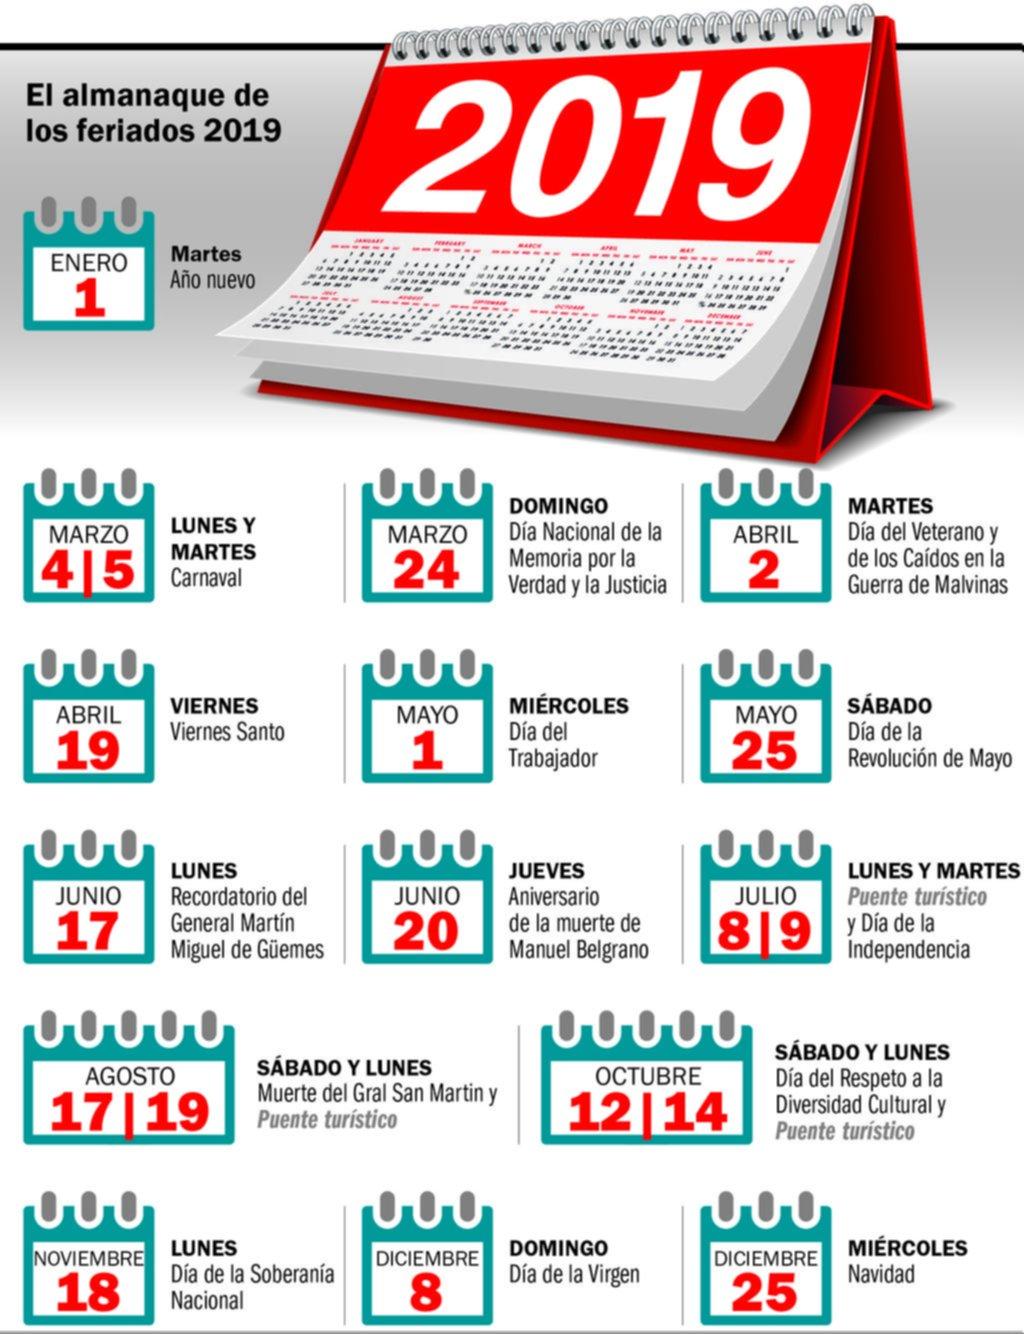 Durante 2019 habrá 19 días no laborables, de los cuales tres serán los denominados puente